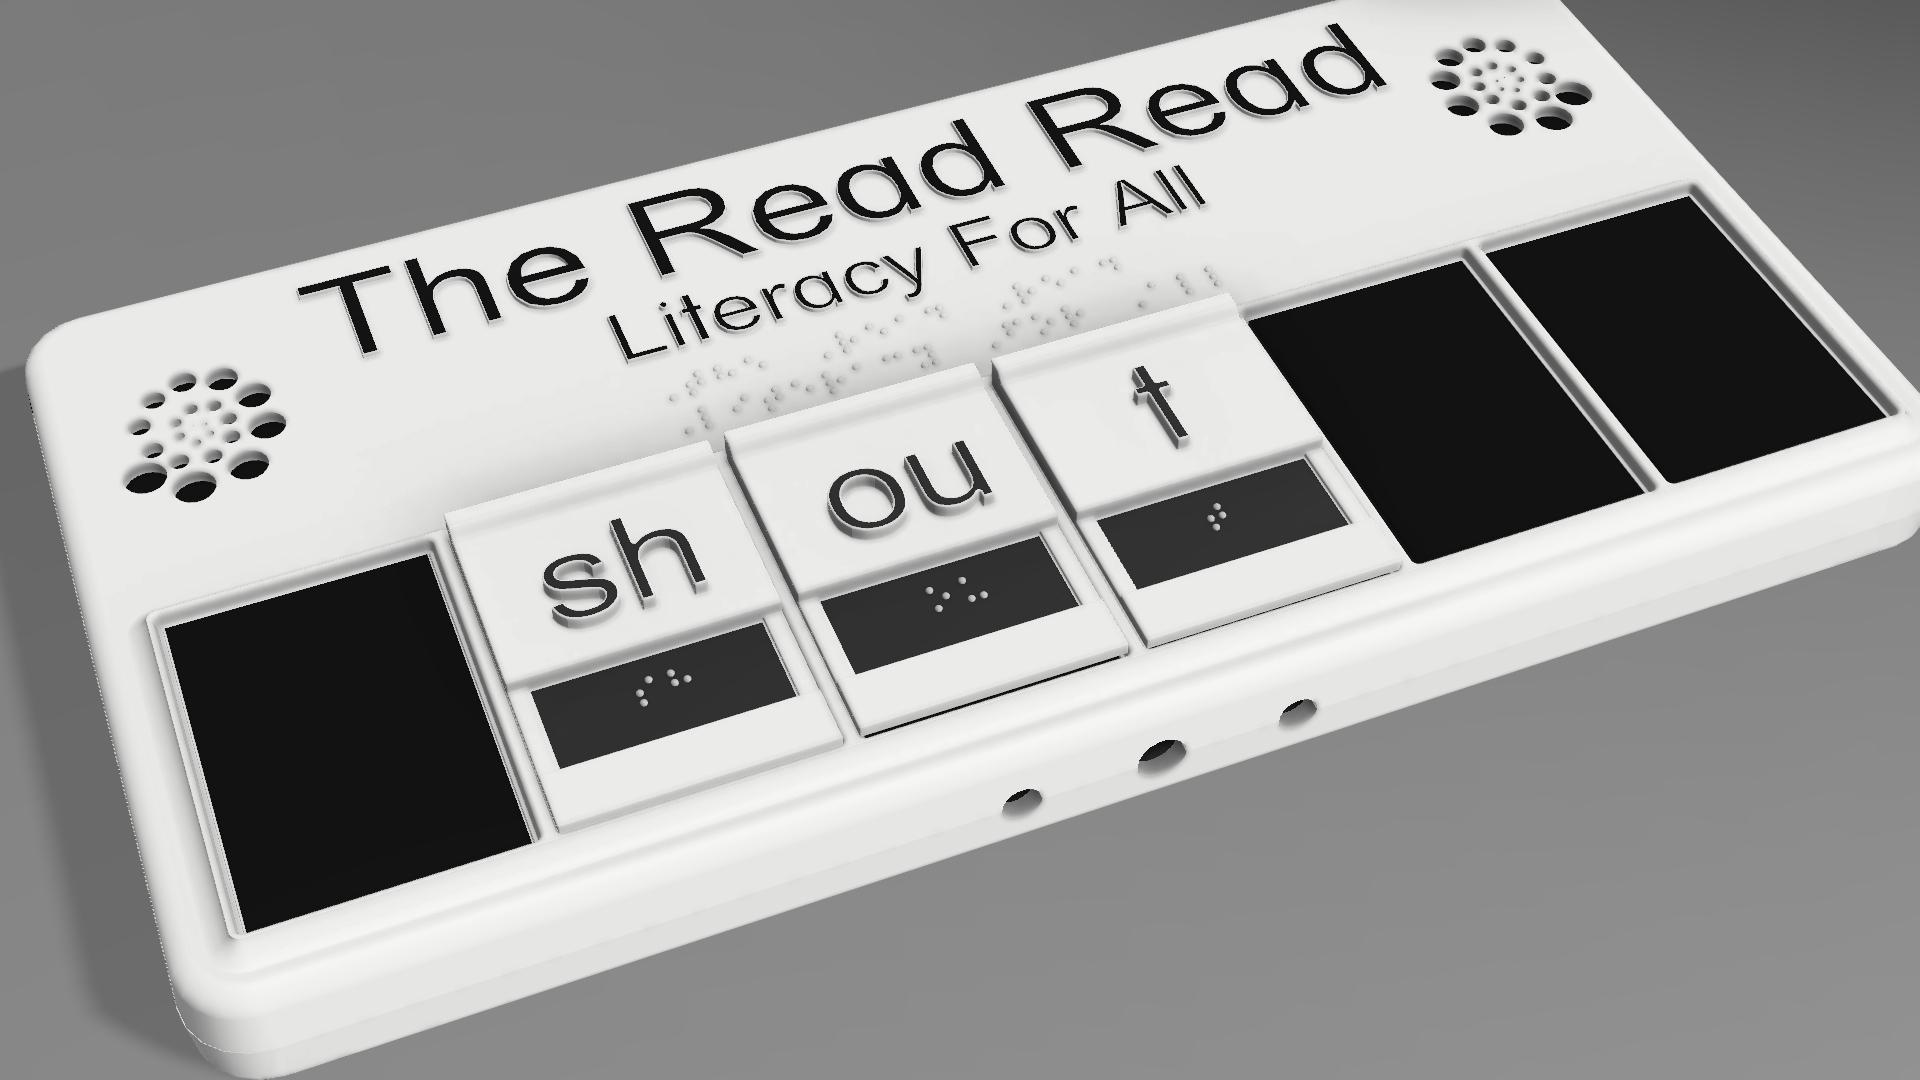 The Read Read Case_Render.jpg